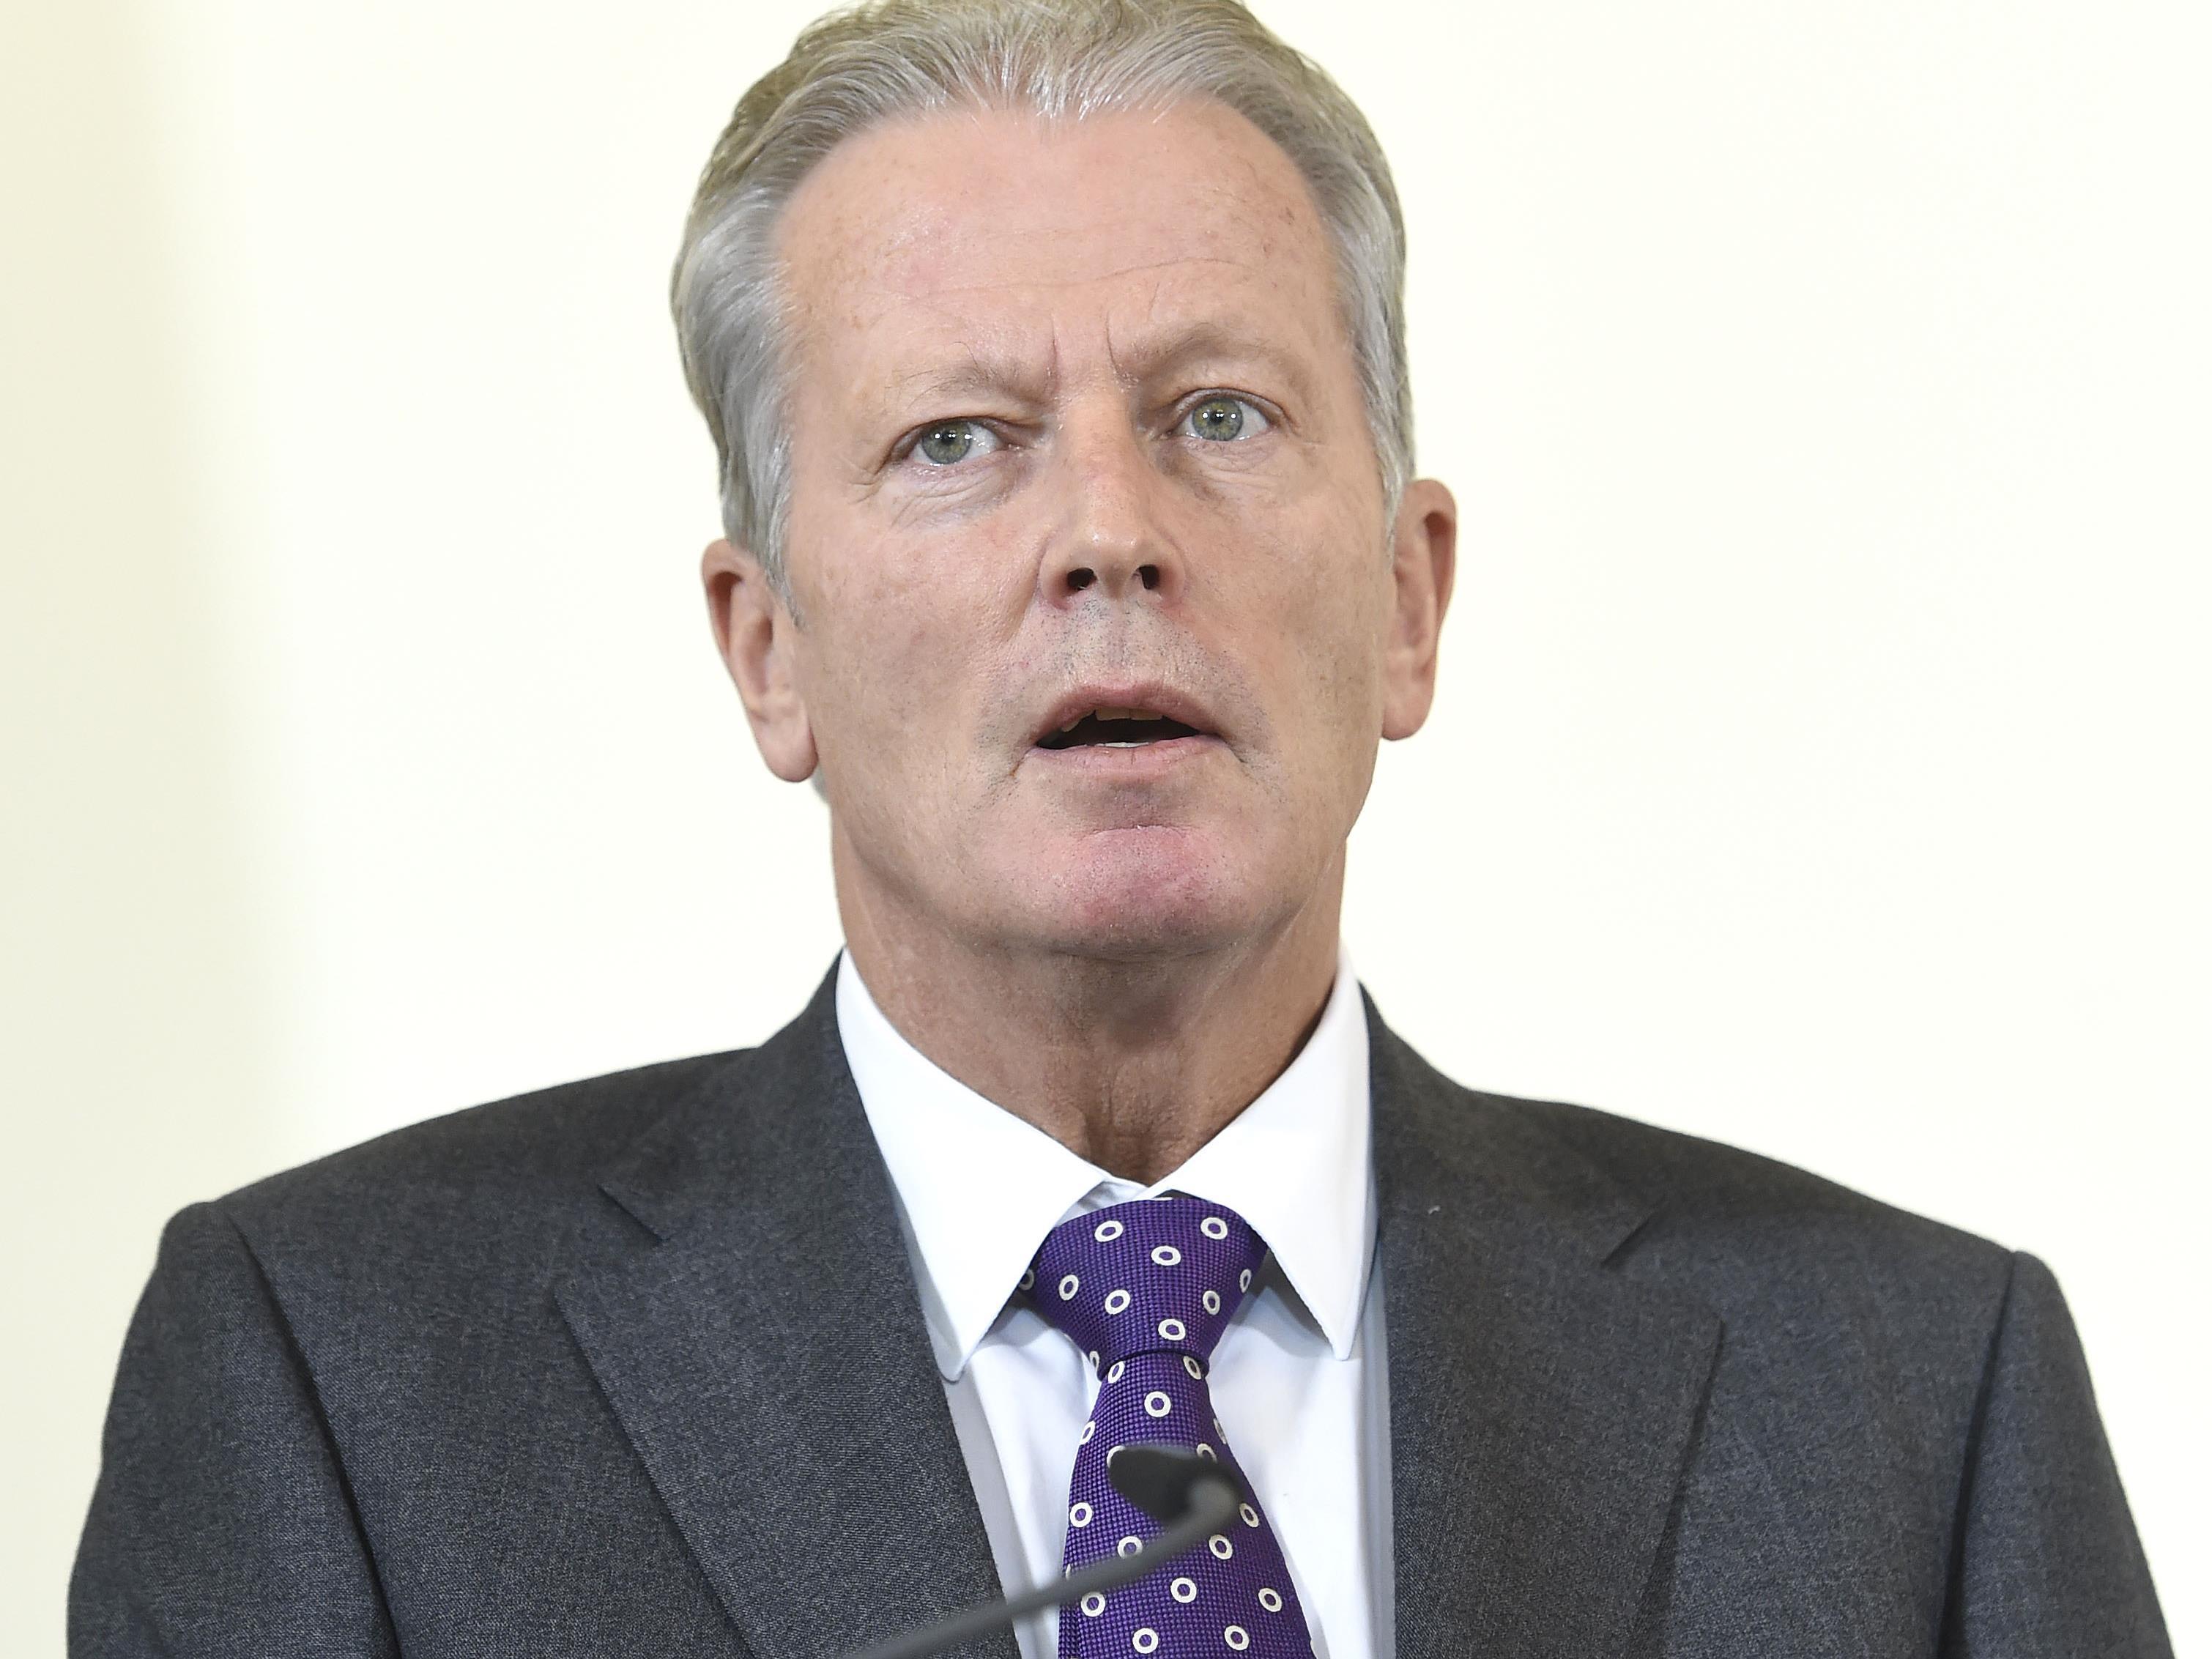 ÖVP-Chef Reinhold Mitterlehner kann dem Vorschlag von SPÖ-Kanzler Werner Faymann wenig abgewinnen.